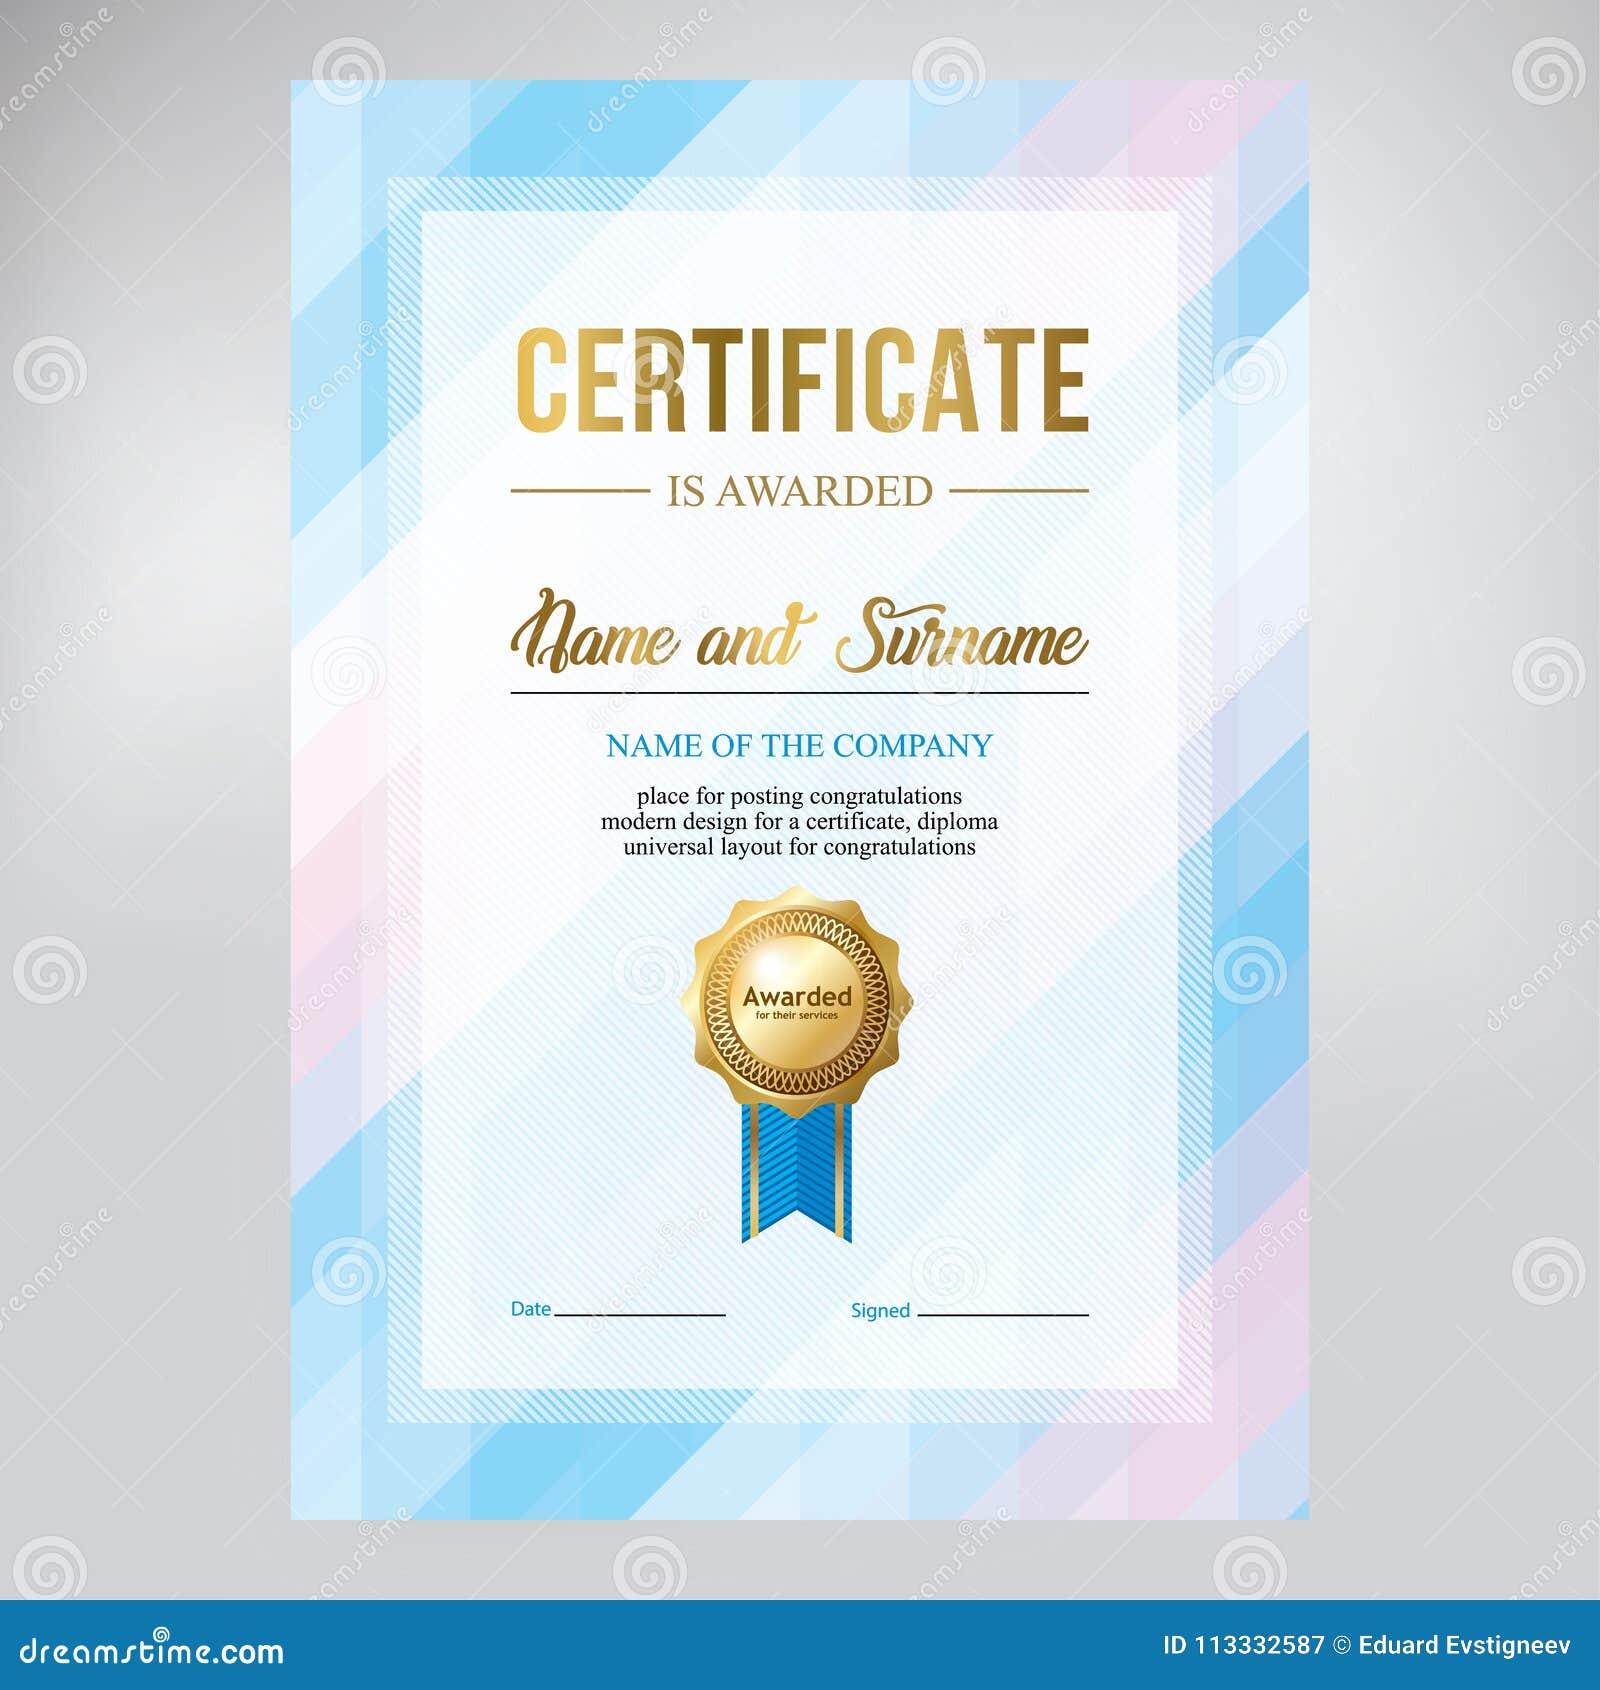 Certifique El Diseño, Plantilla Del Diploma, Fondo Azul Geométrico ...